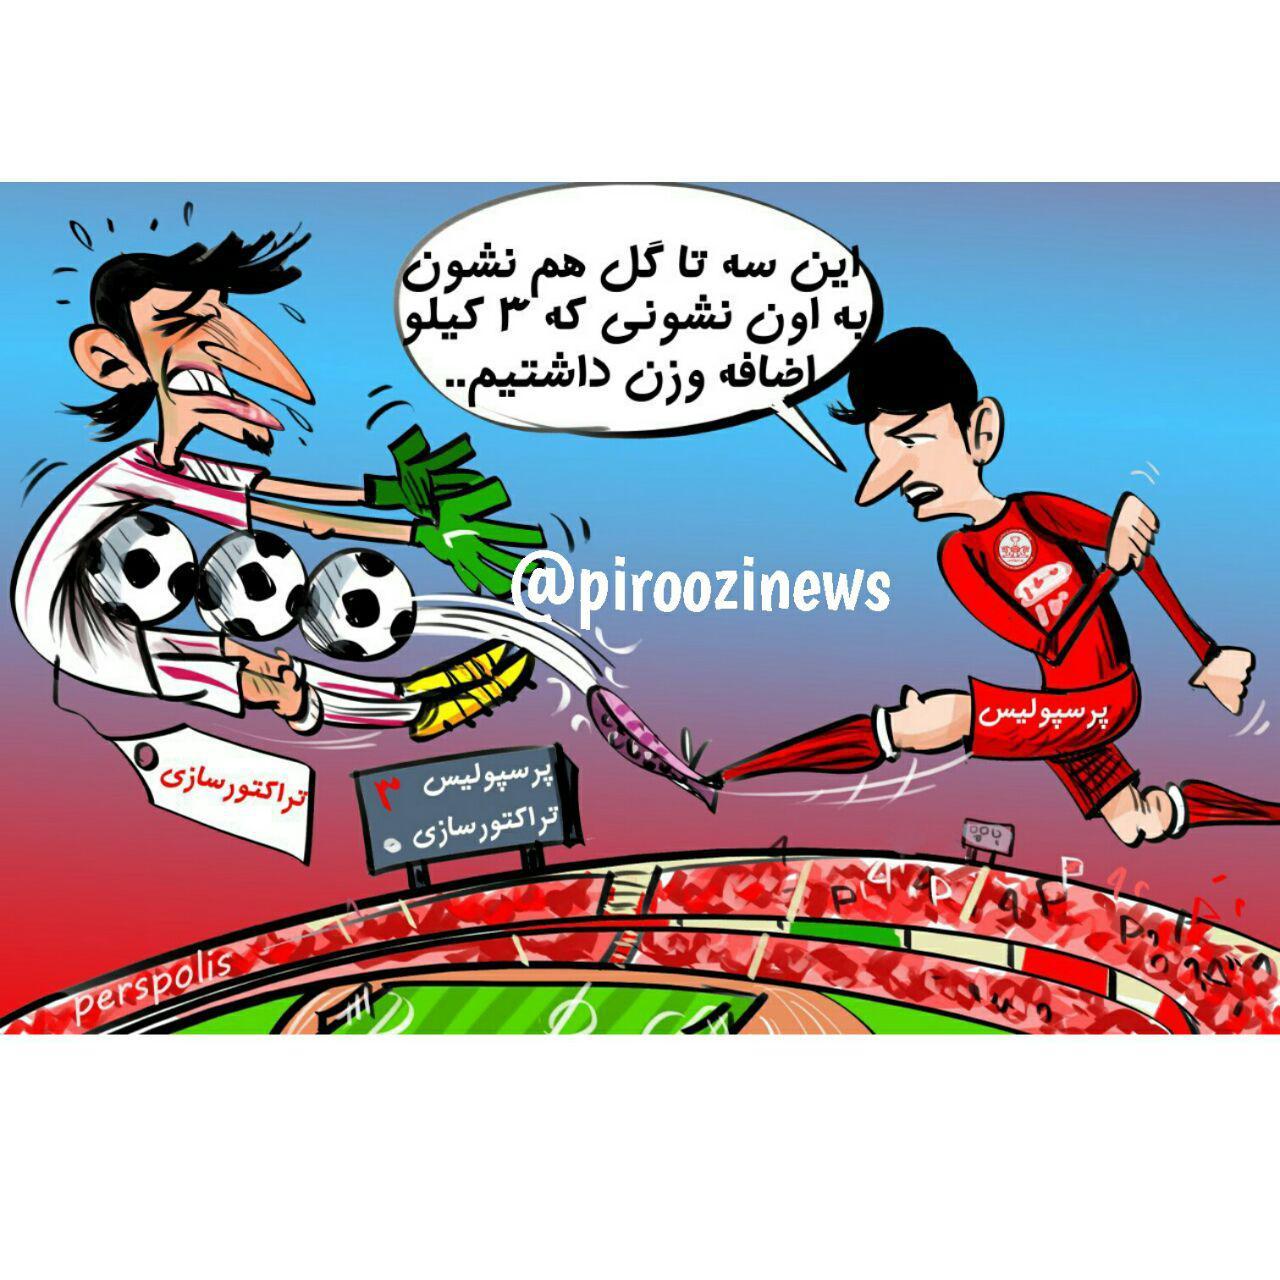 کنایه های سنگین به سرمربی تیم ملی فوتبال/ گزارشی از وضعیت بحرانی گروگان های ایرانی در سومالی